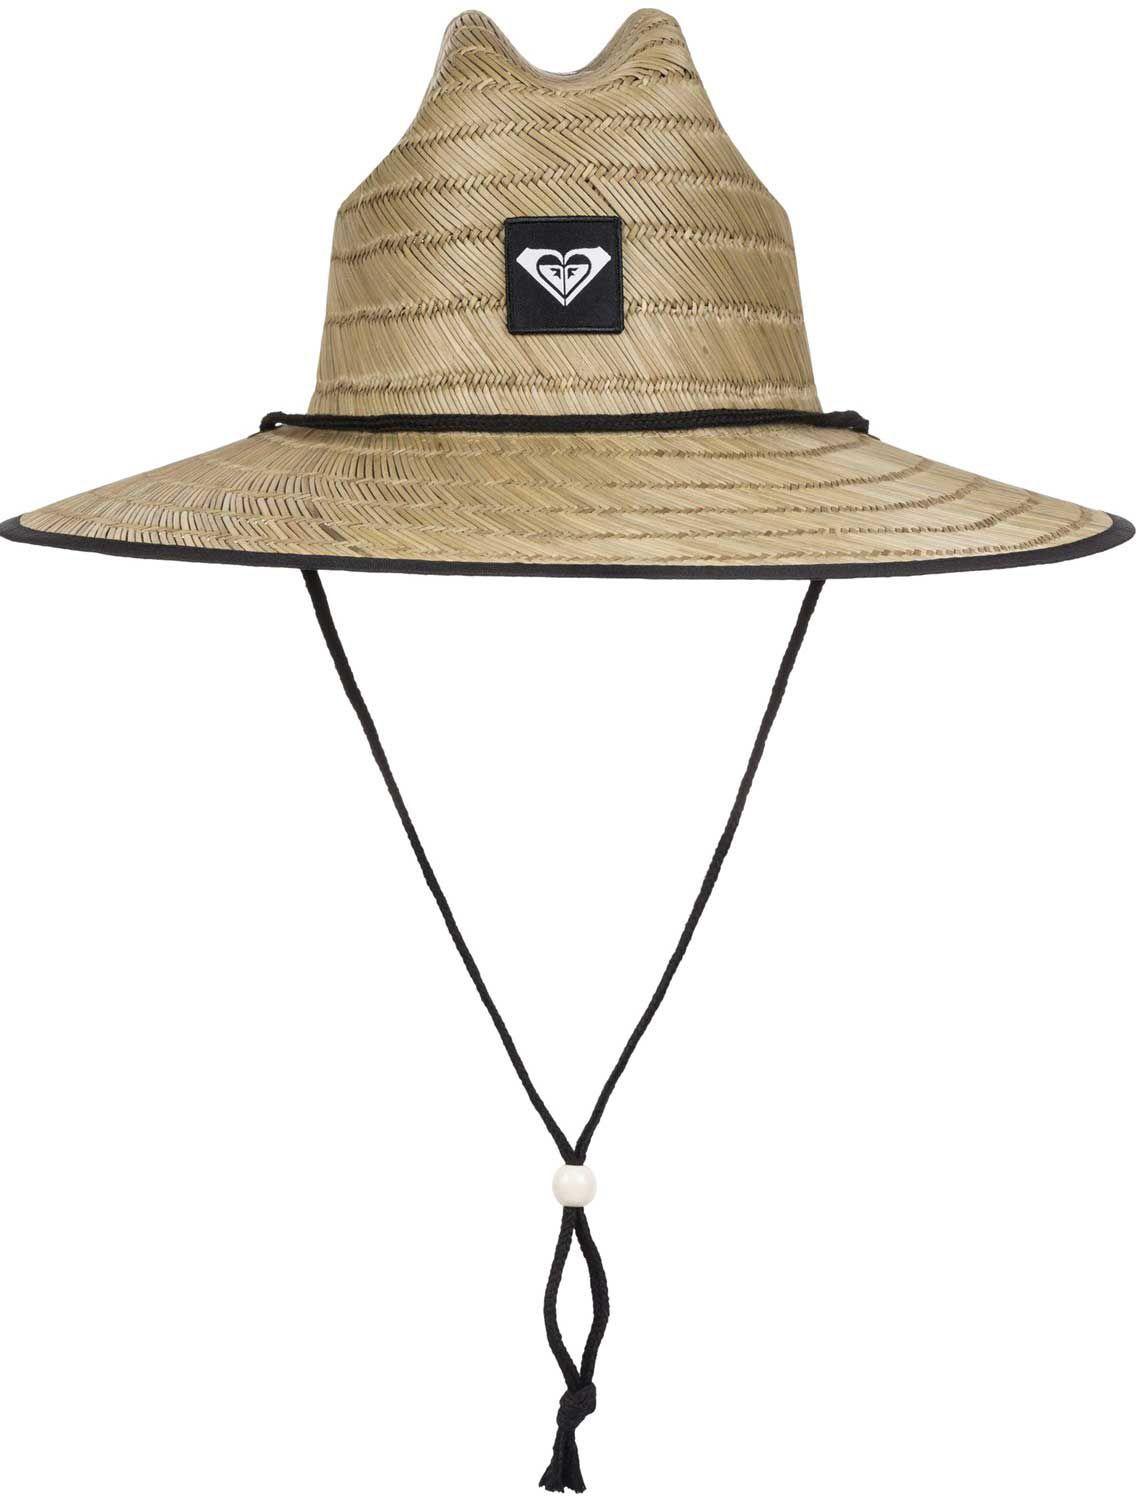 7c127096ff3fe0 Roxy Women's Tomboy 2 Straw Hat in 2019 | Products | Hats, Roxy, Tomboy